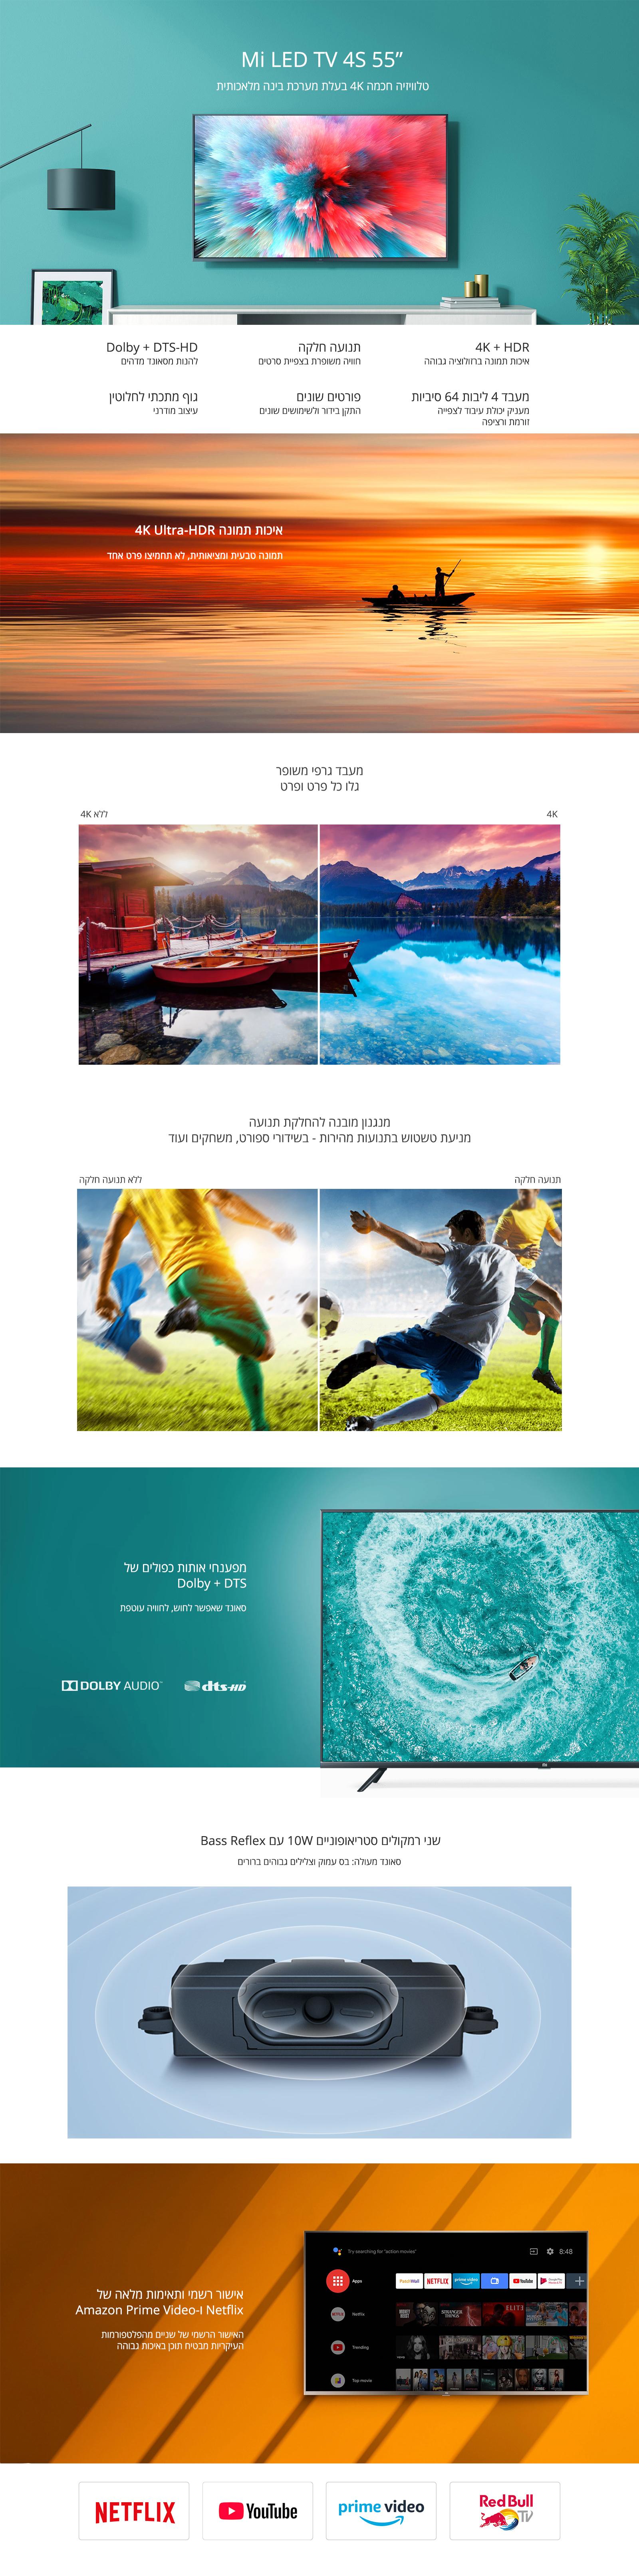 טלוויזיה חכמה 55'' UHD-4K שיאומי Xiaomi דגם L55M5-5ASP